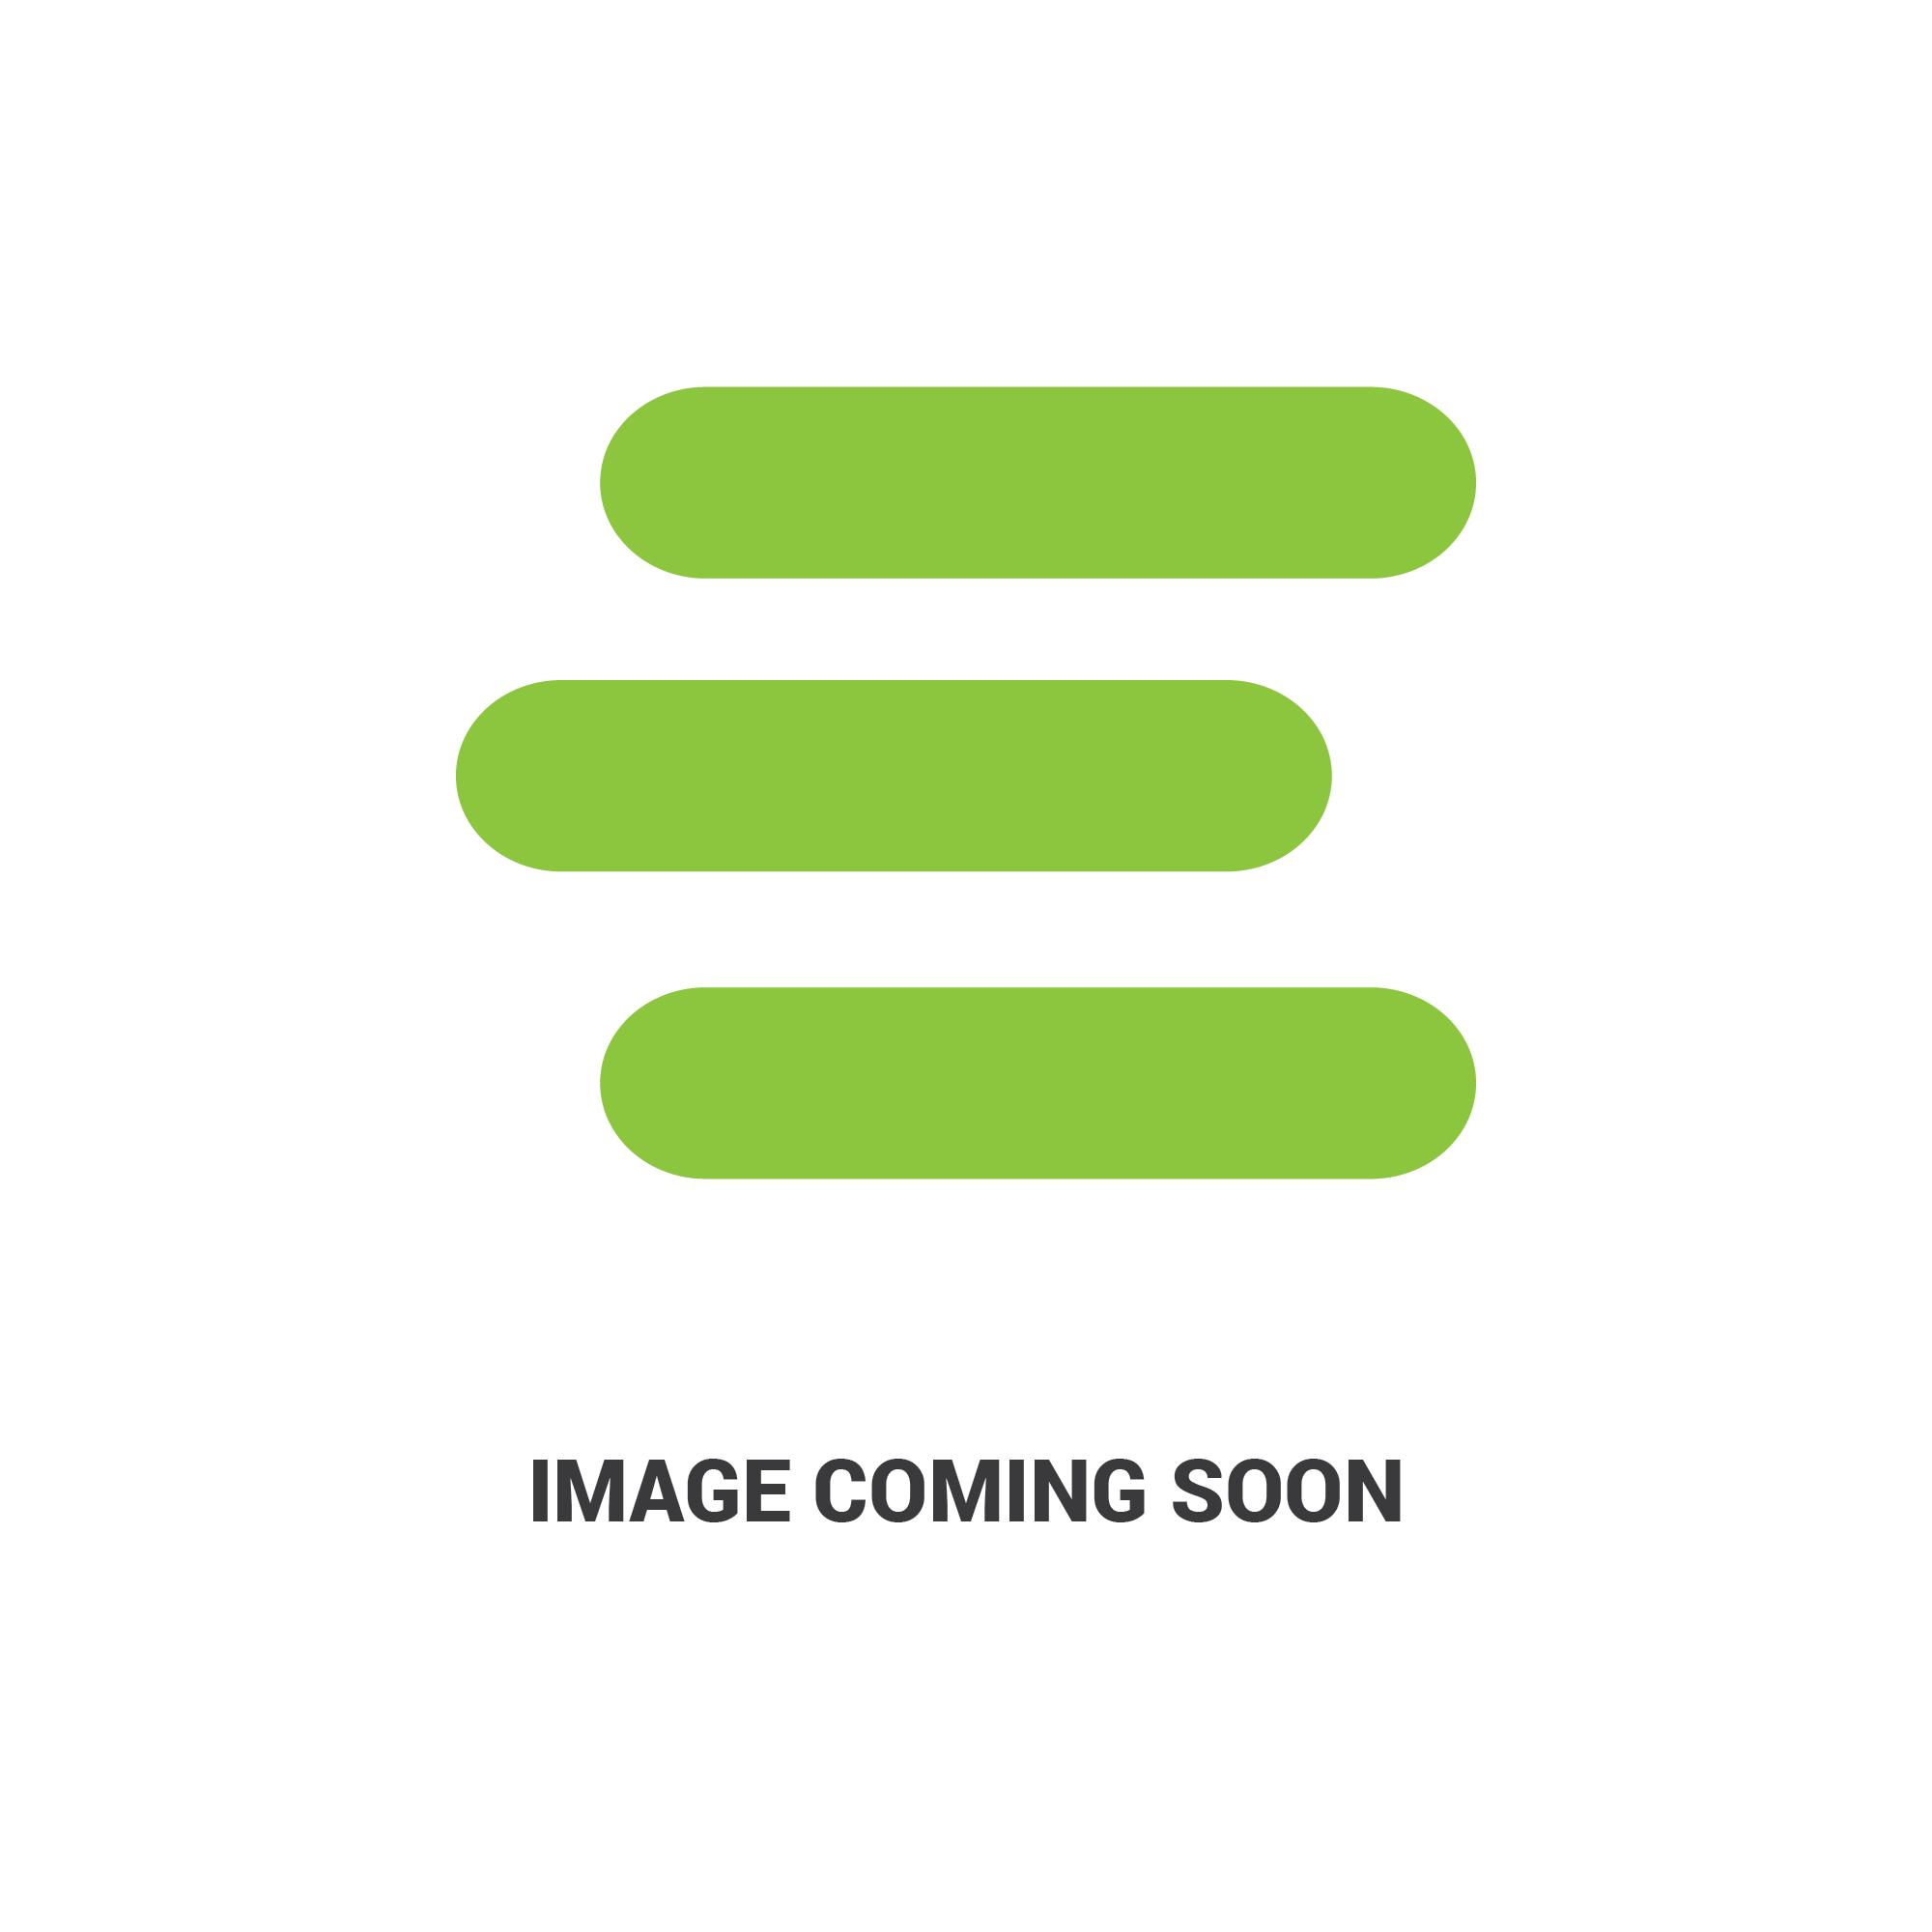 E-AL159873edit 1.jpg